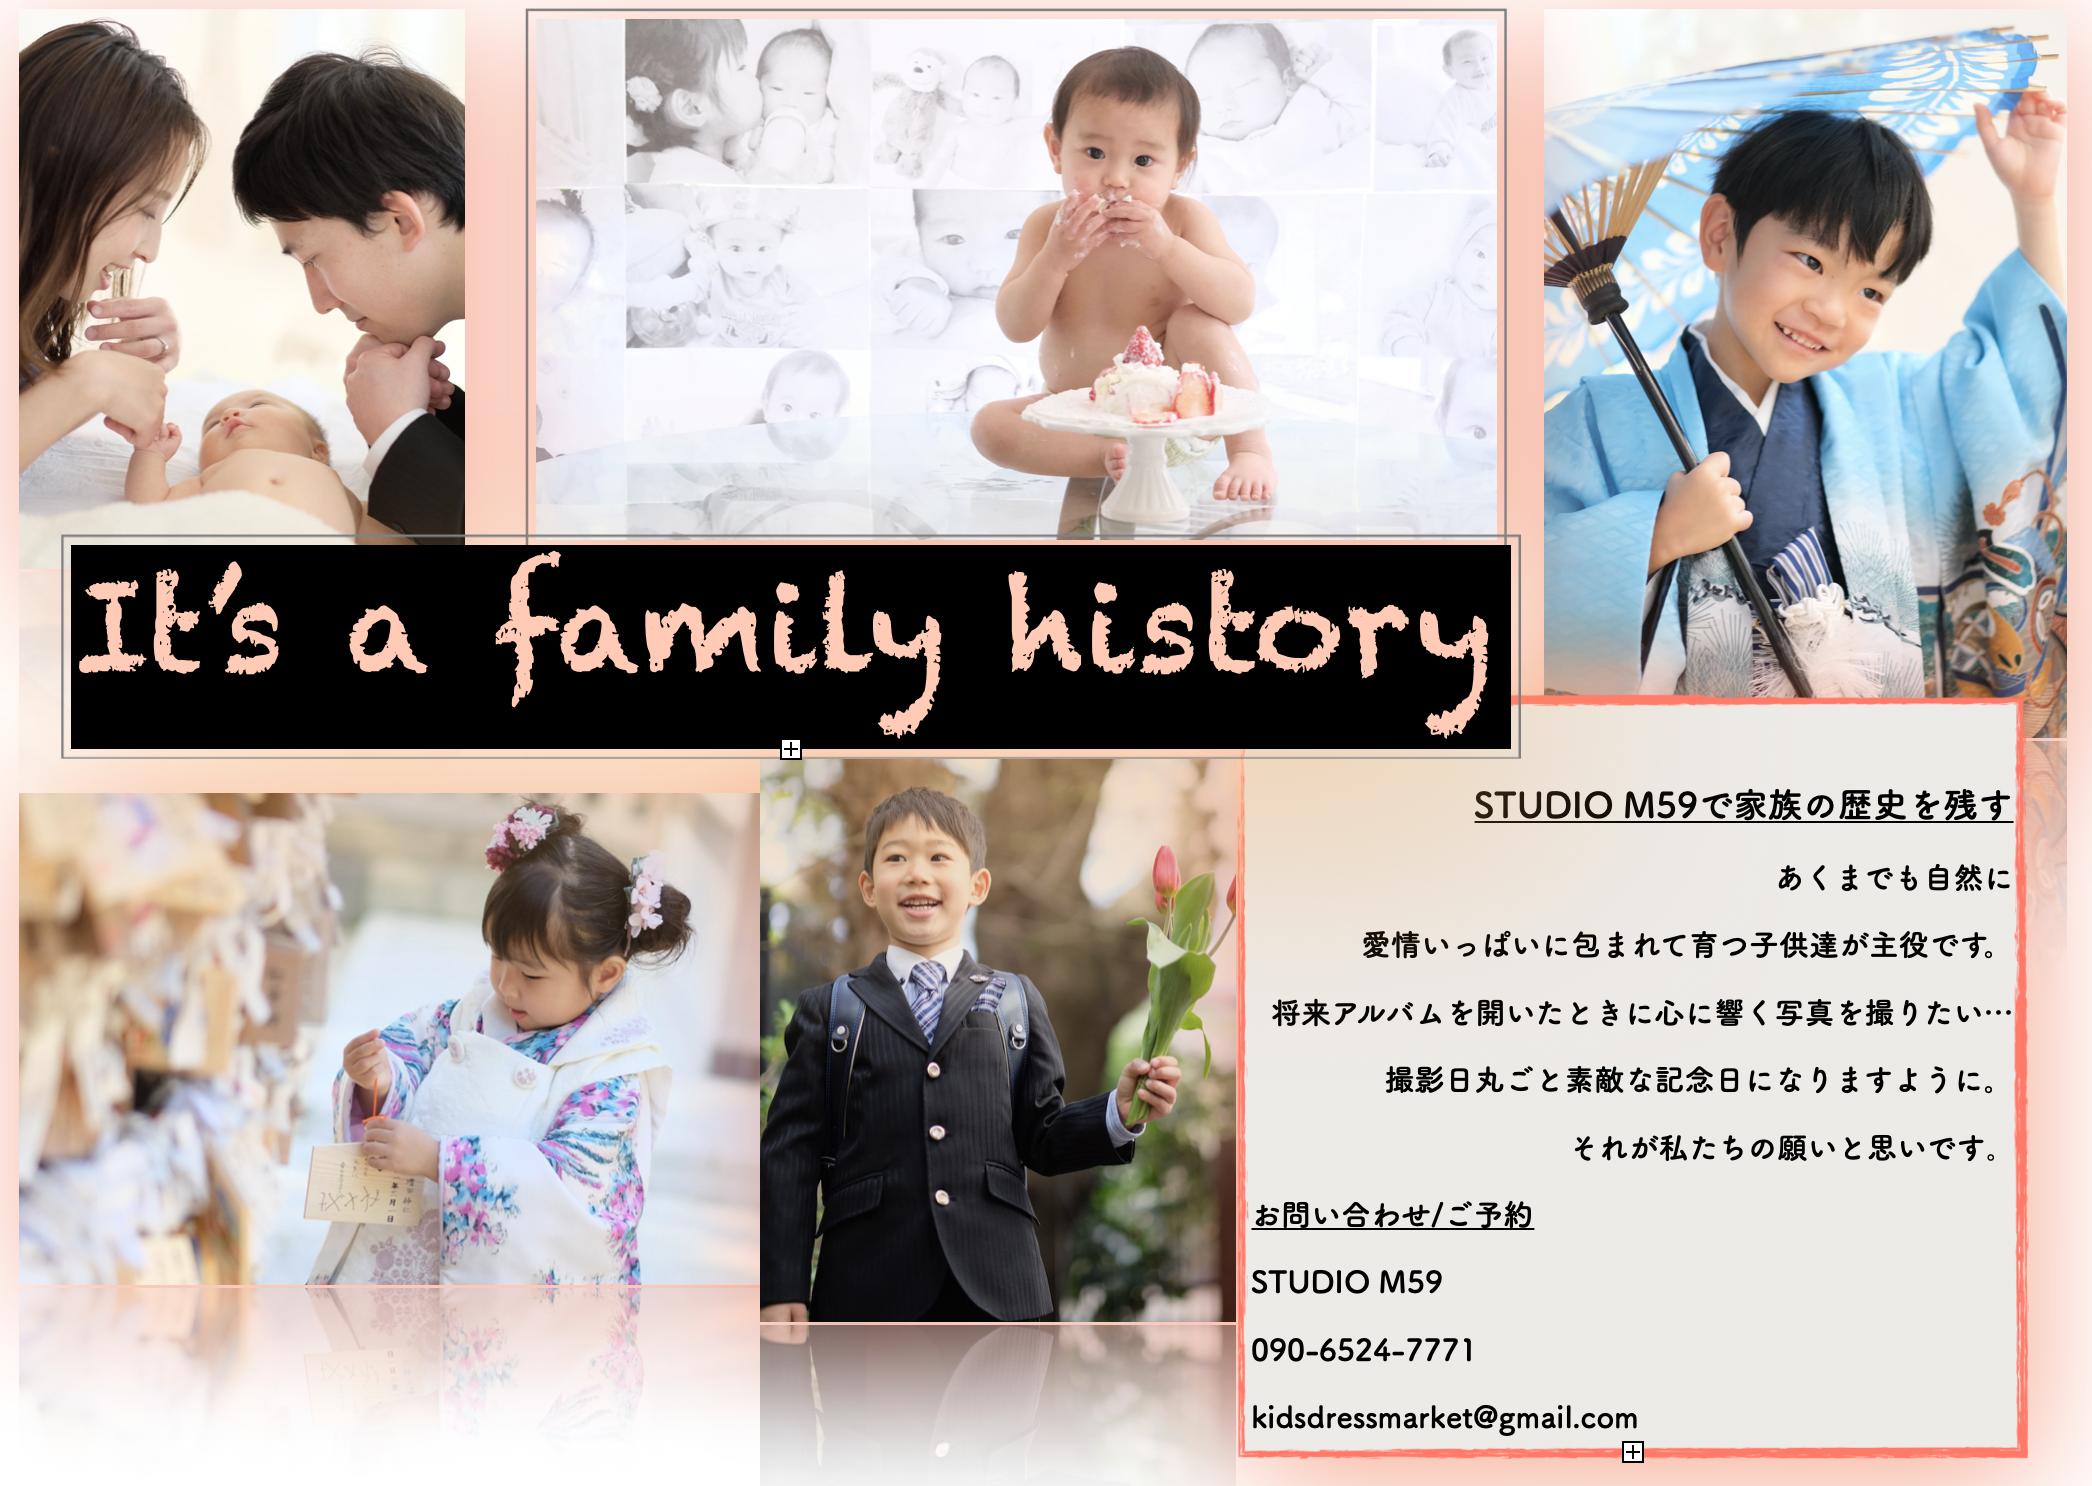 自然の光に包まれた松戸のおしゃれな写真館『M59隠れ家フォトスタジオ』 『KidsDRESS Market』恵比寿店